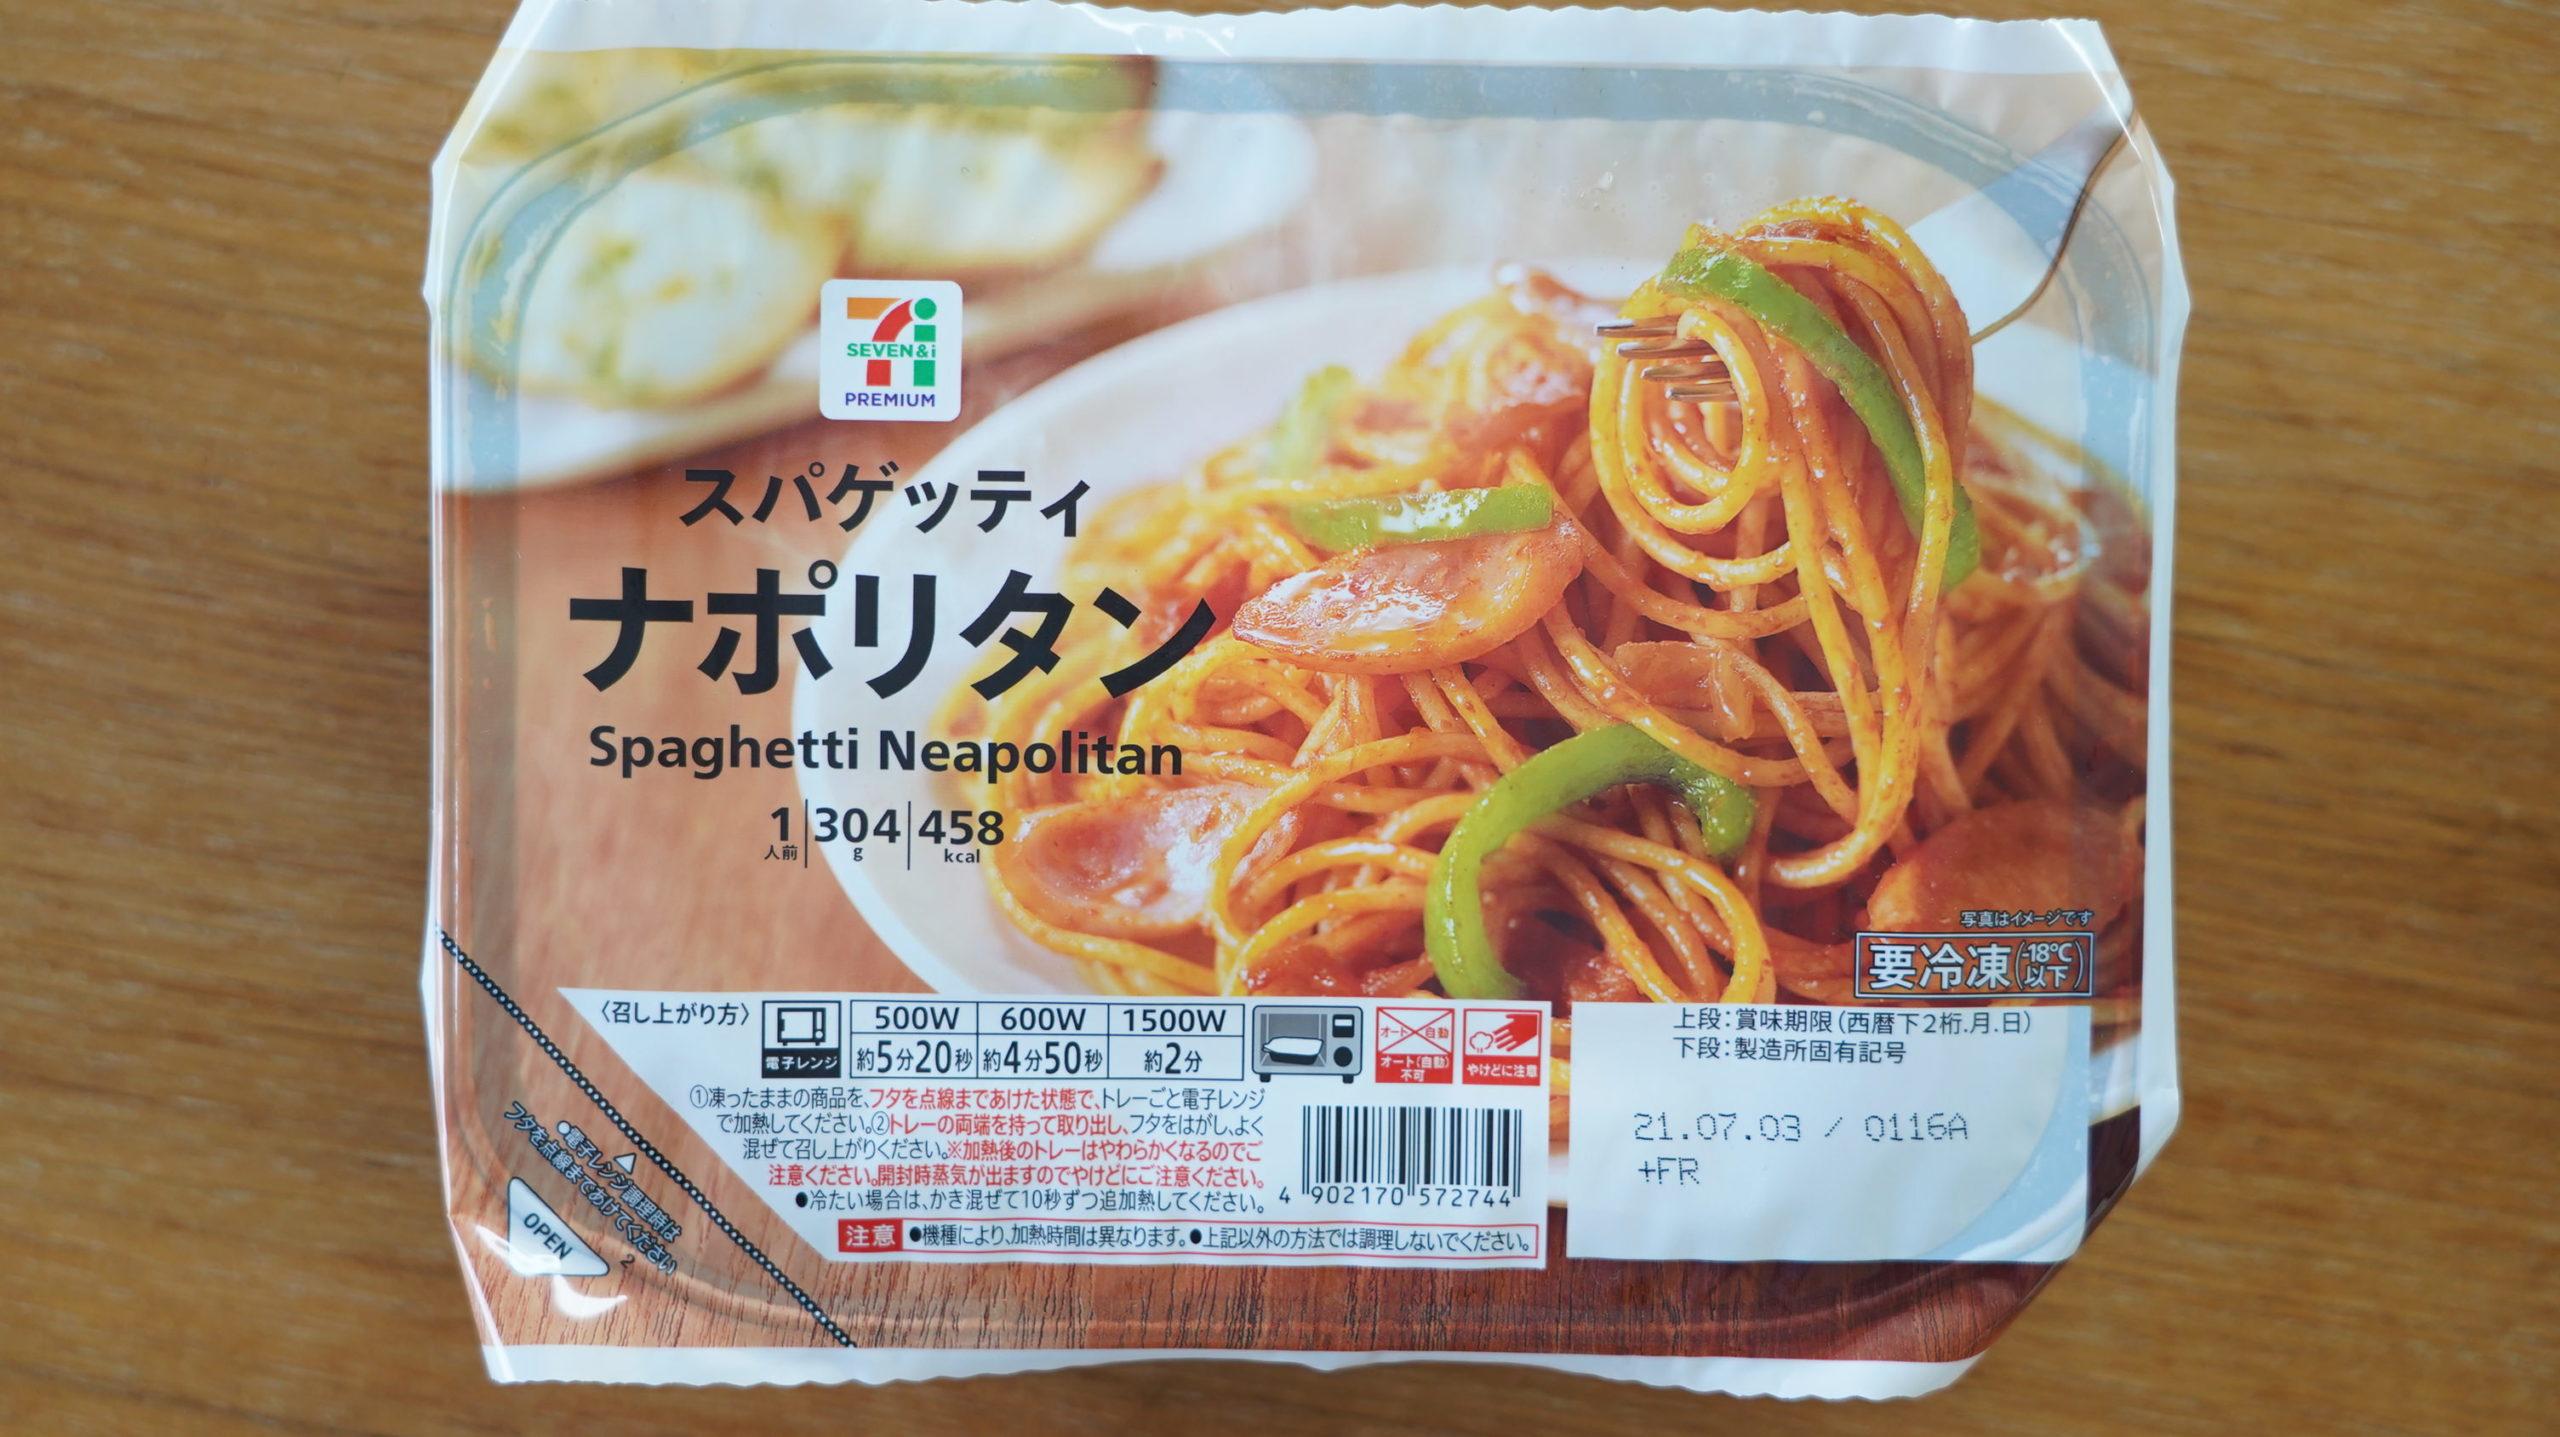 セブンイレブンのおすすめ冷凍食品「スパゲッティナポリタン」のパッケージ写真